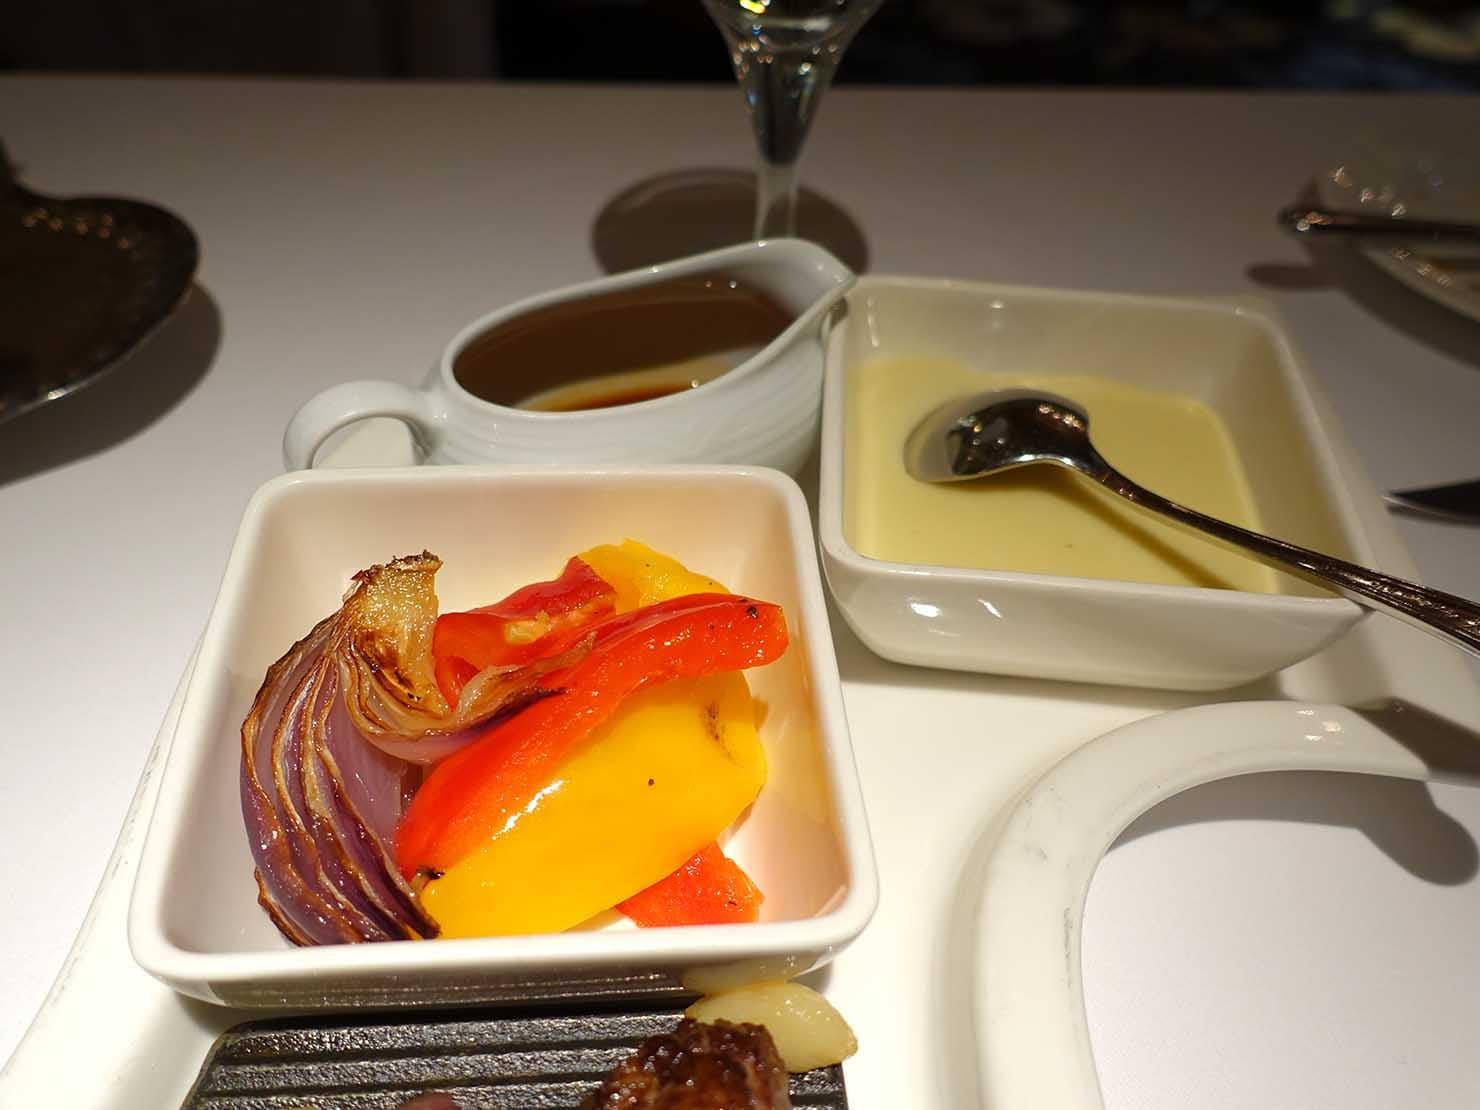 台北の4つ星ホテルにあるステーキハウス「地中海牛排館」の美國杉河農場濕式熟成50天肋眼牛排(50日熟成リブアイステーキ)付け合わせ